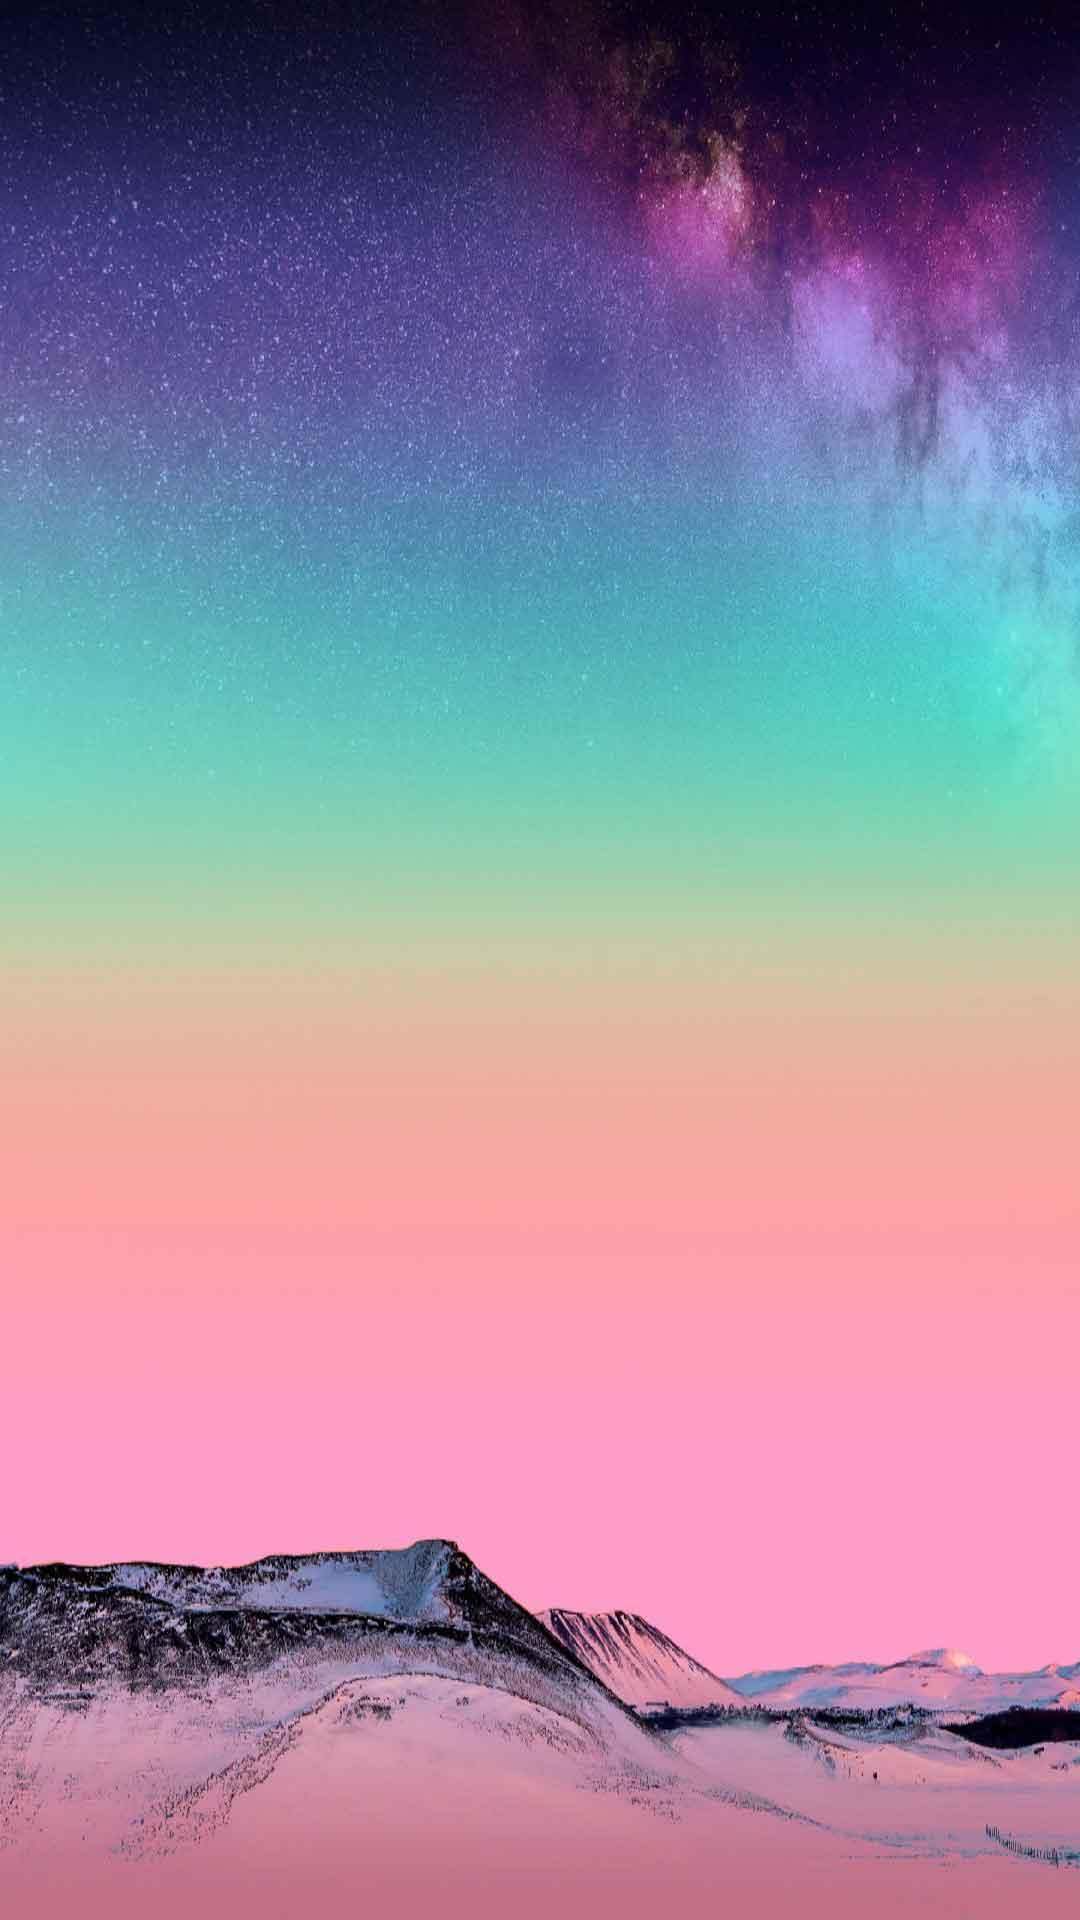 Fond Ecran Galaxy M20 1080x1920 Wallpaper Teahub Io